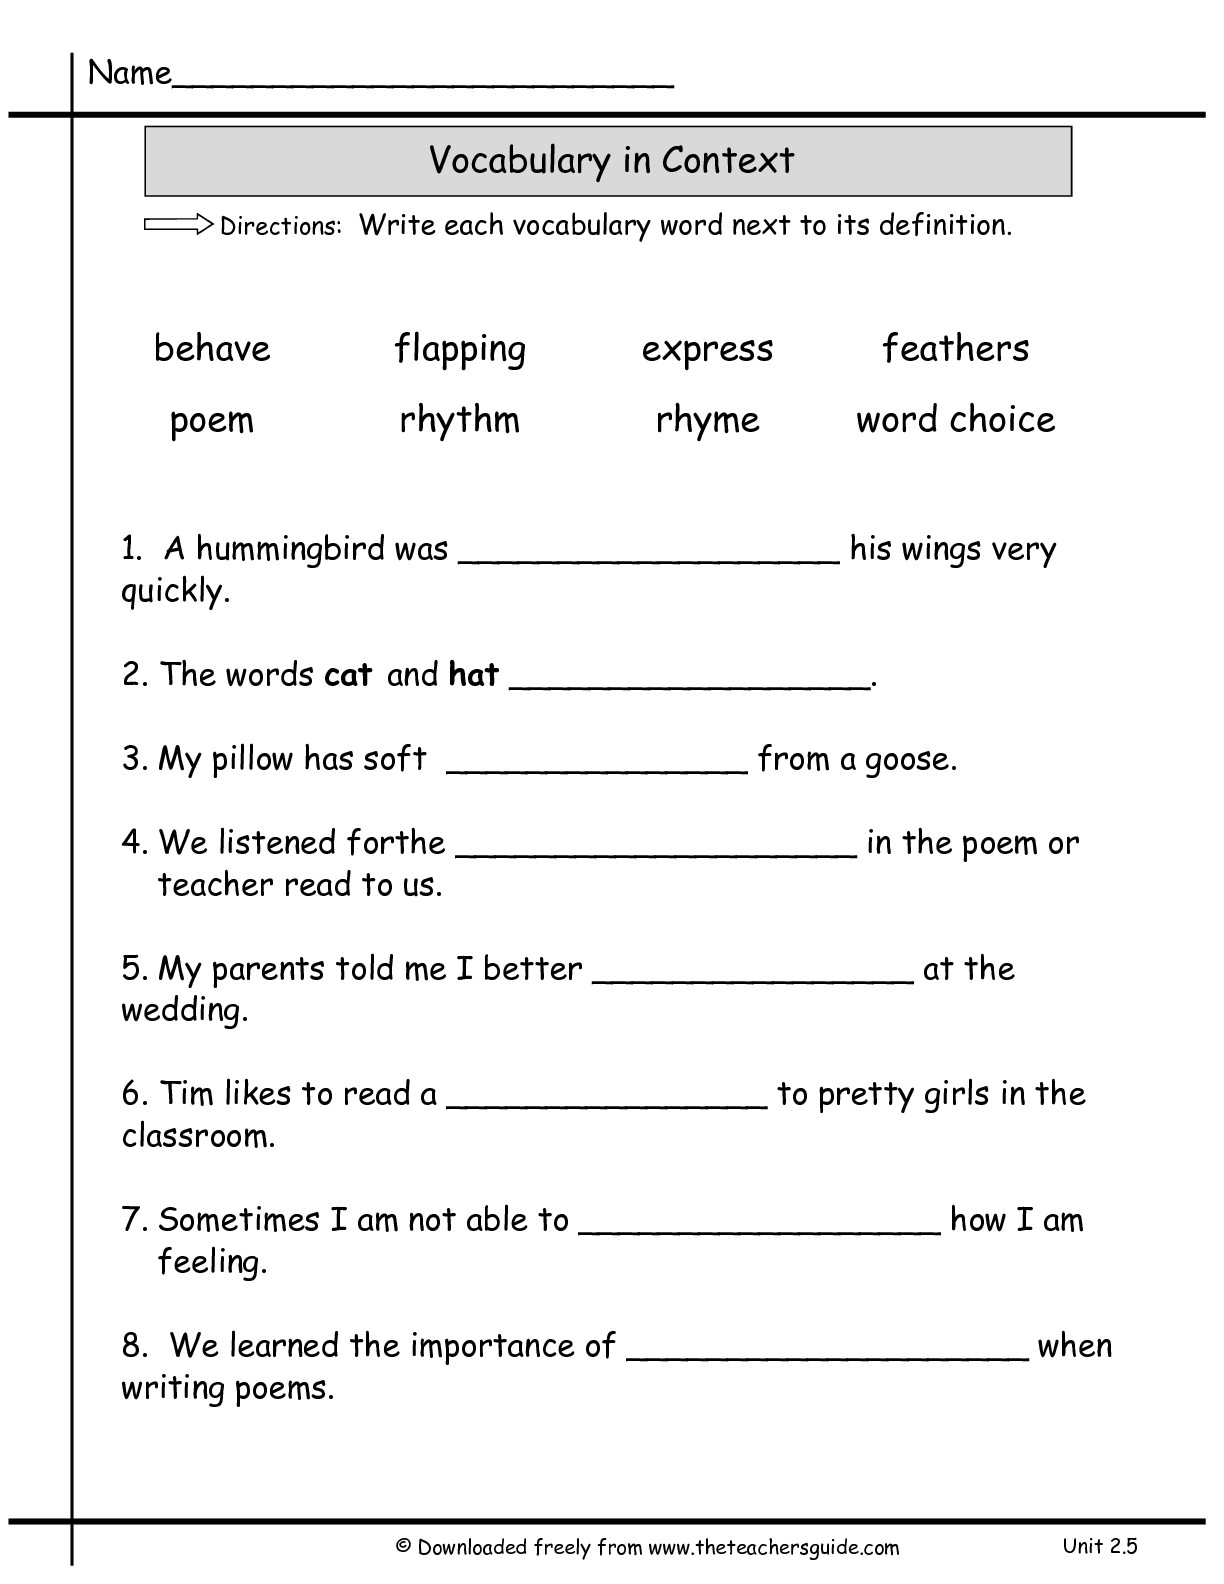 Worksheet Verb Tense Consistency